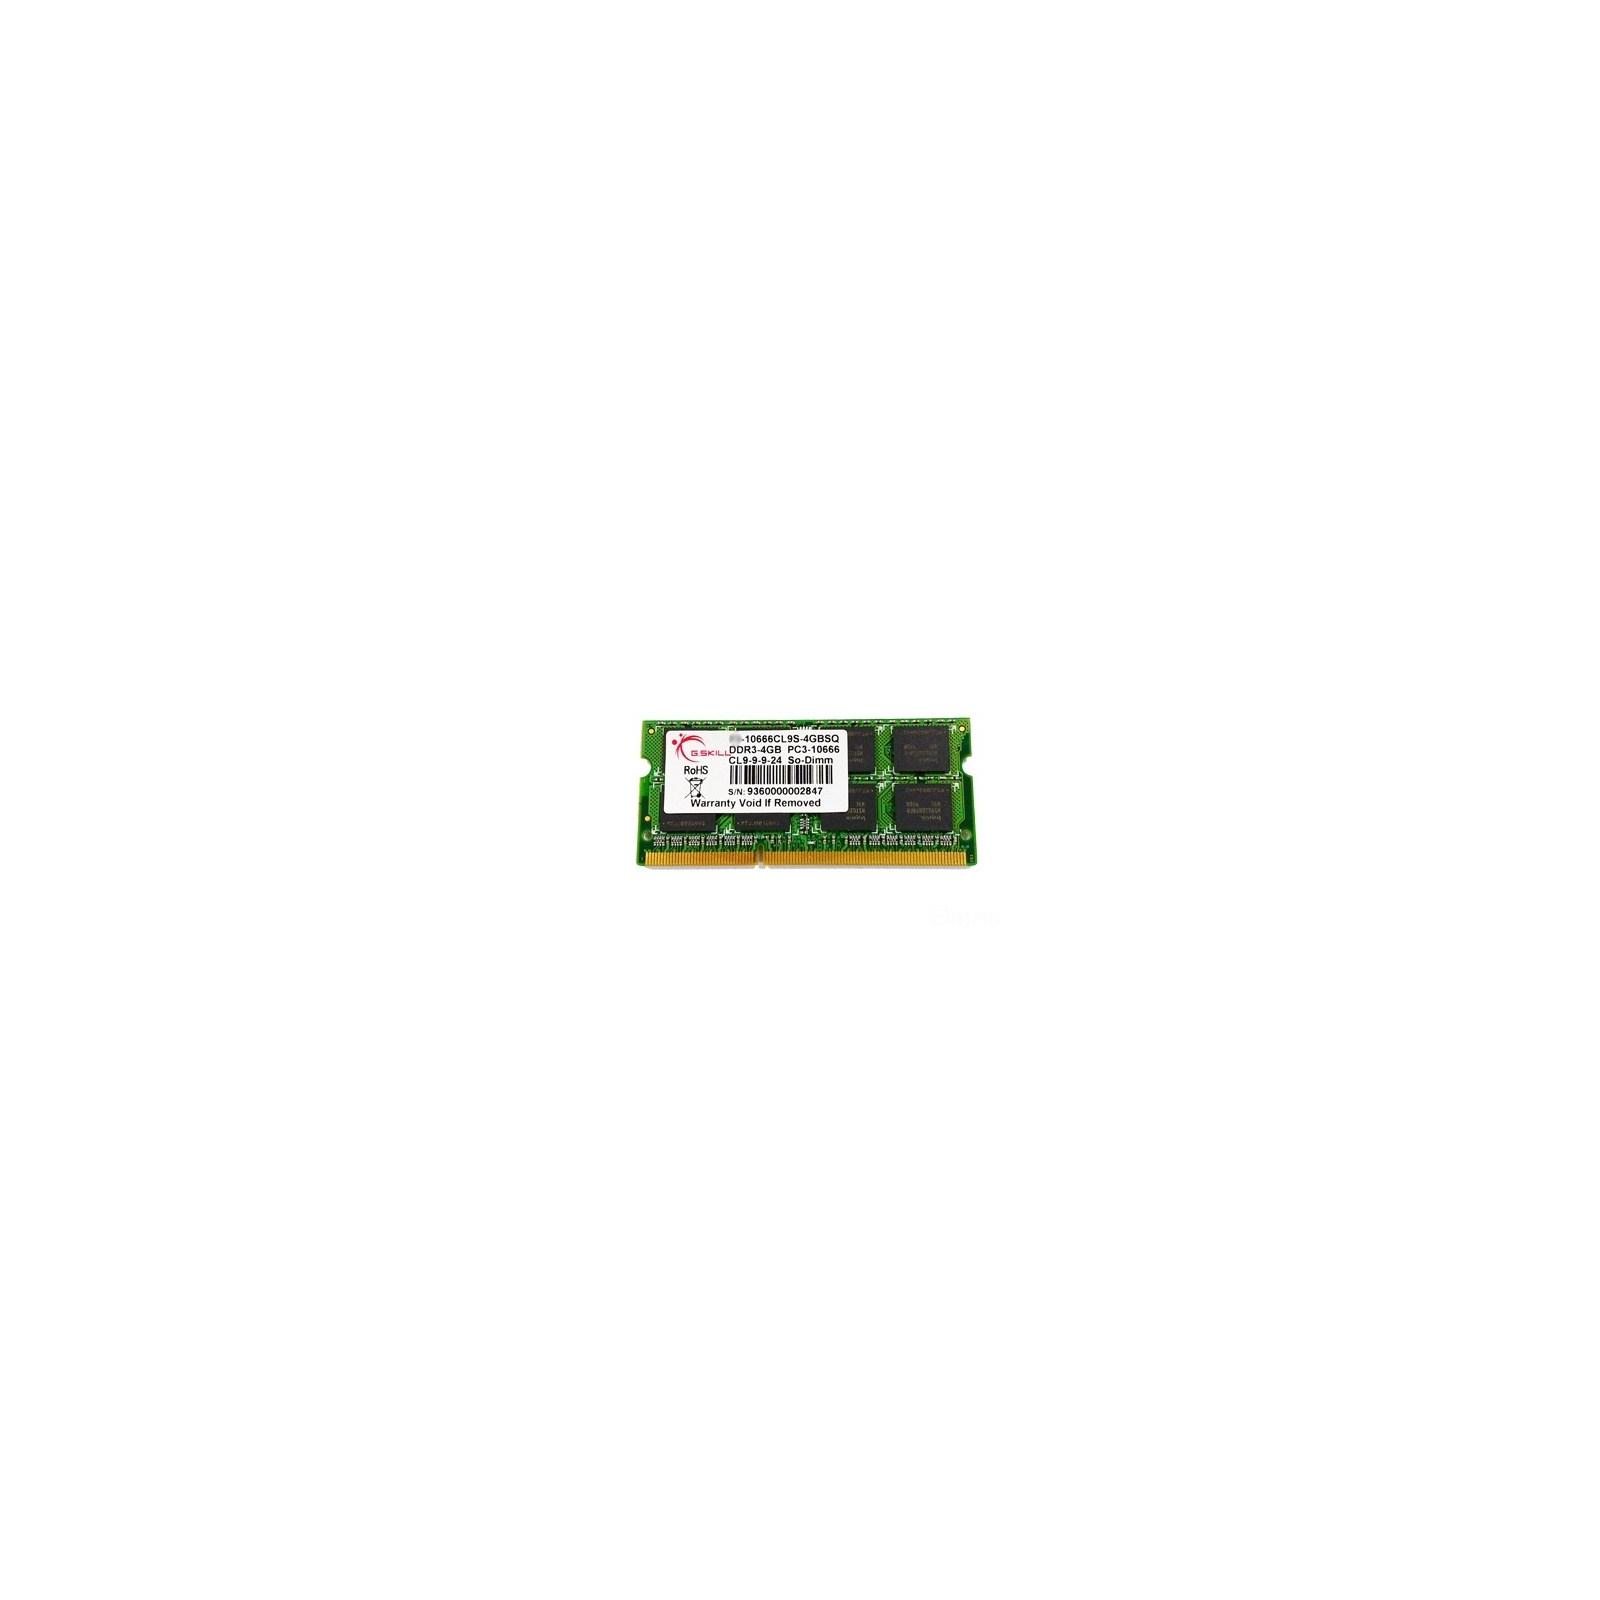 Модуль памяти для ноутбука SoDIMM DDR3 4GB 1333 MHz G.Skill (FA-10666CL9S-4GBSQ)